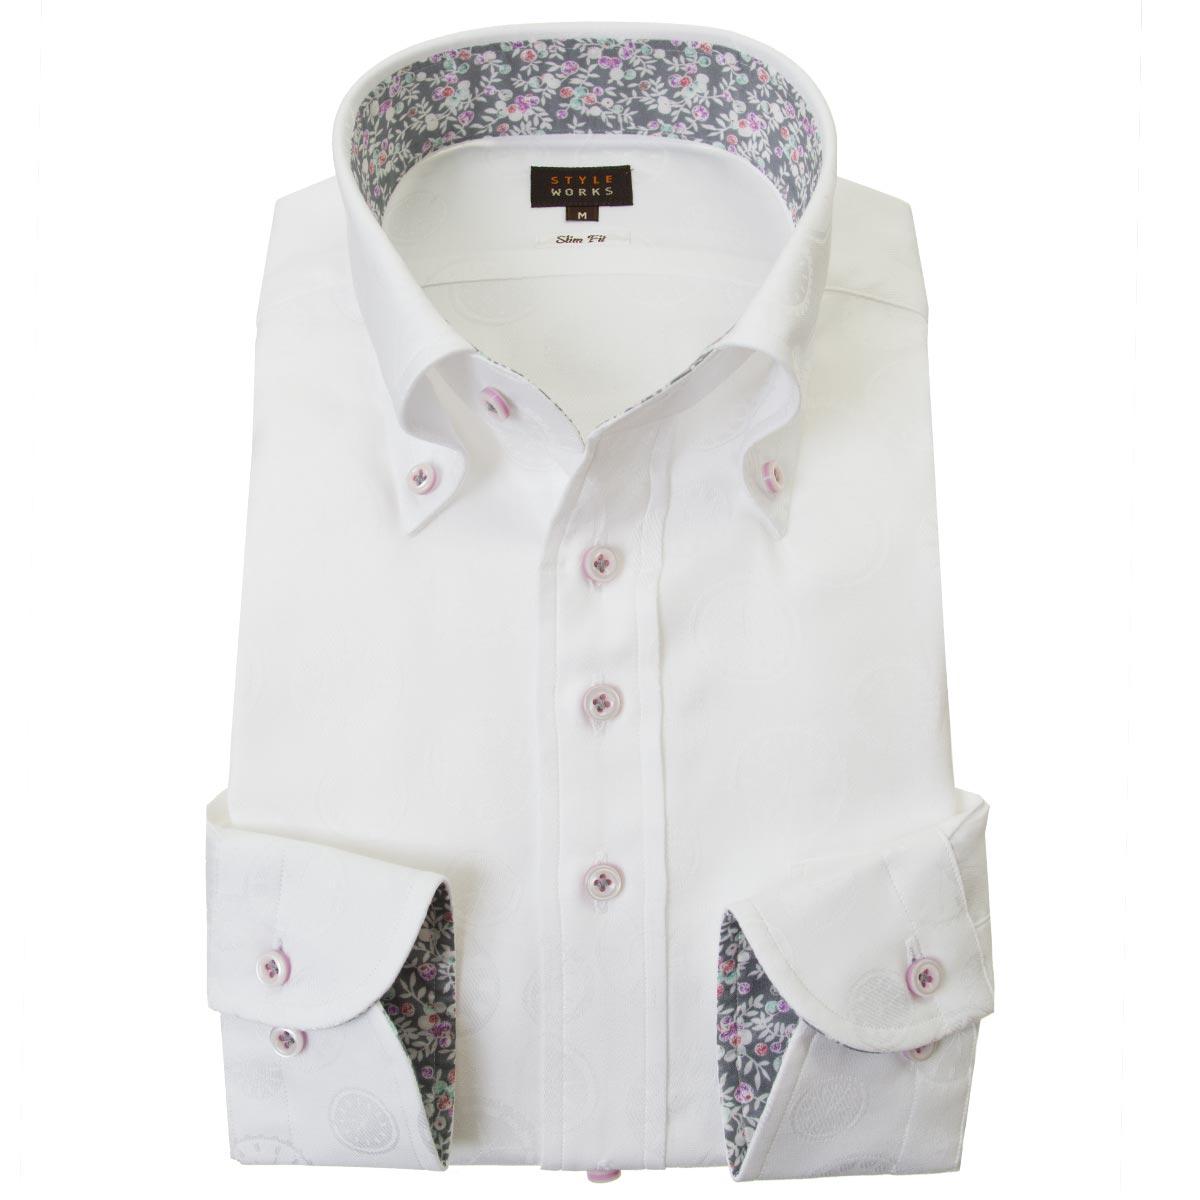 ドレスシャツ ワイシャツ シャツ メンズ 国産 長袖 スリムフィット ボタンダウン ホワイト ジャガード 時計デザインドット柄 2001 【Sサイズ・裄丈81cm】